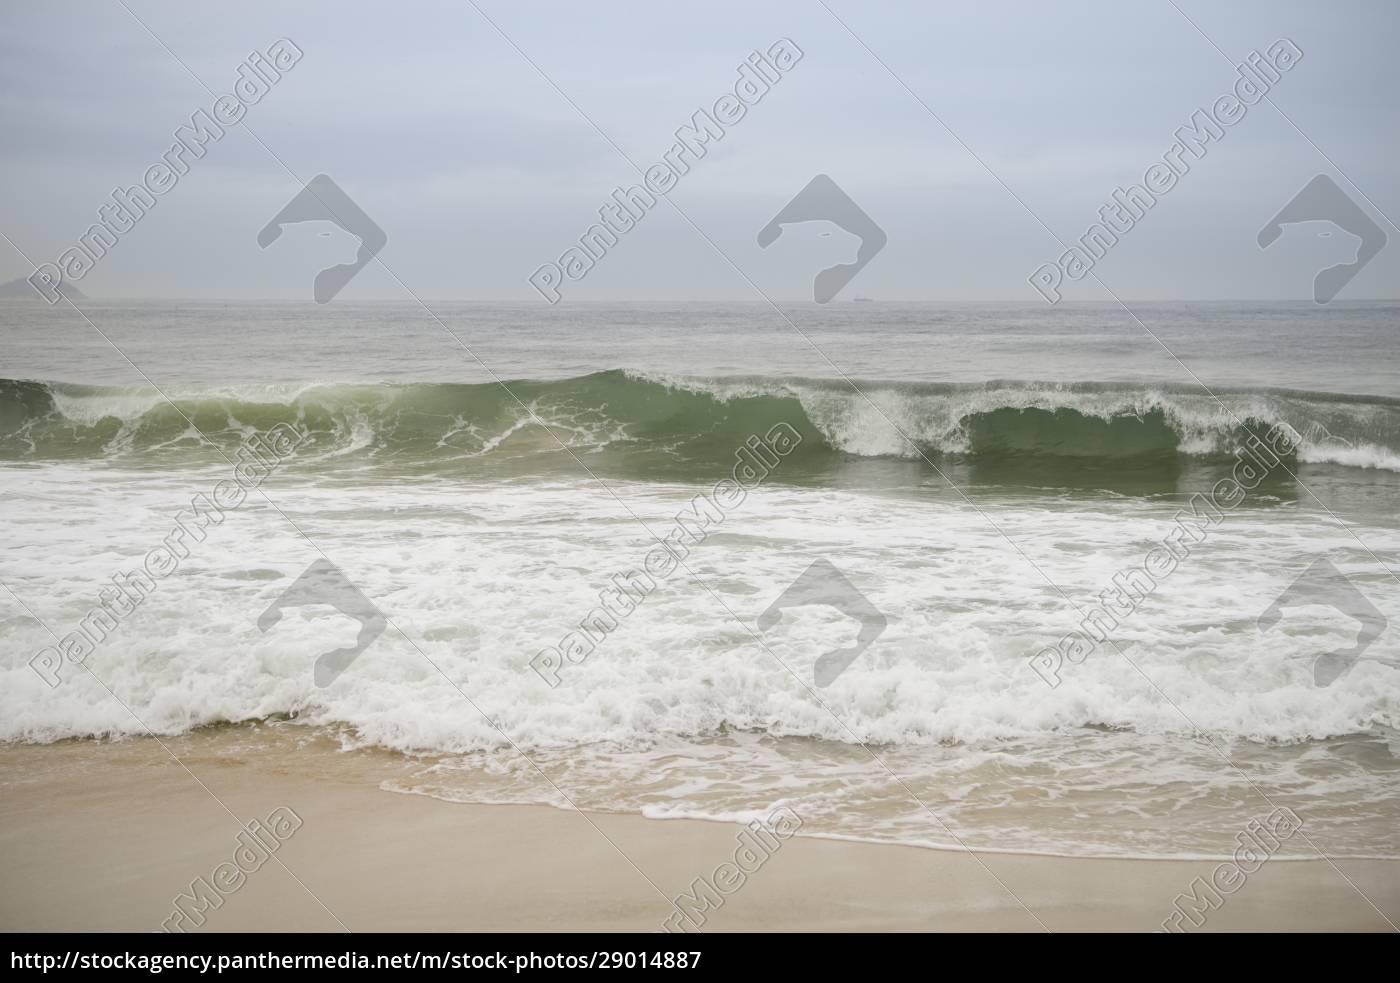 ocean, surf, on, the, beach, of - 29014887